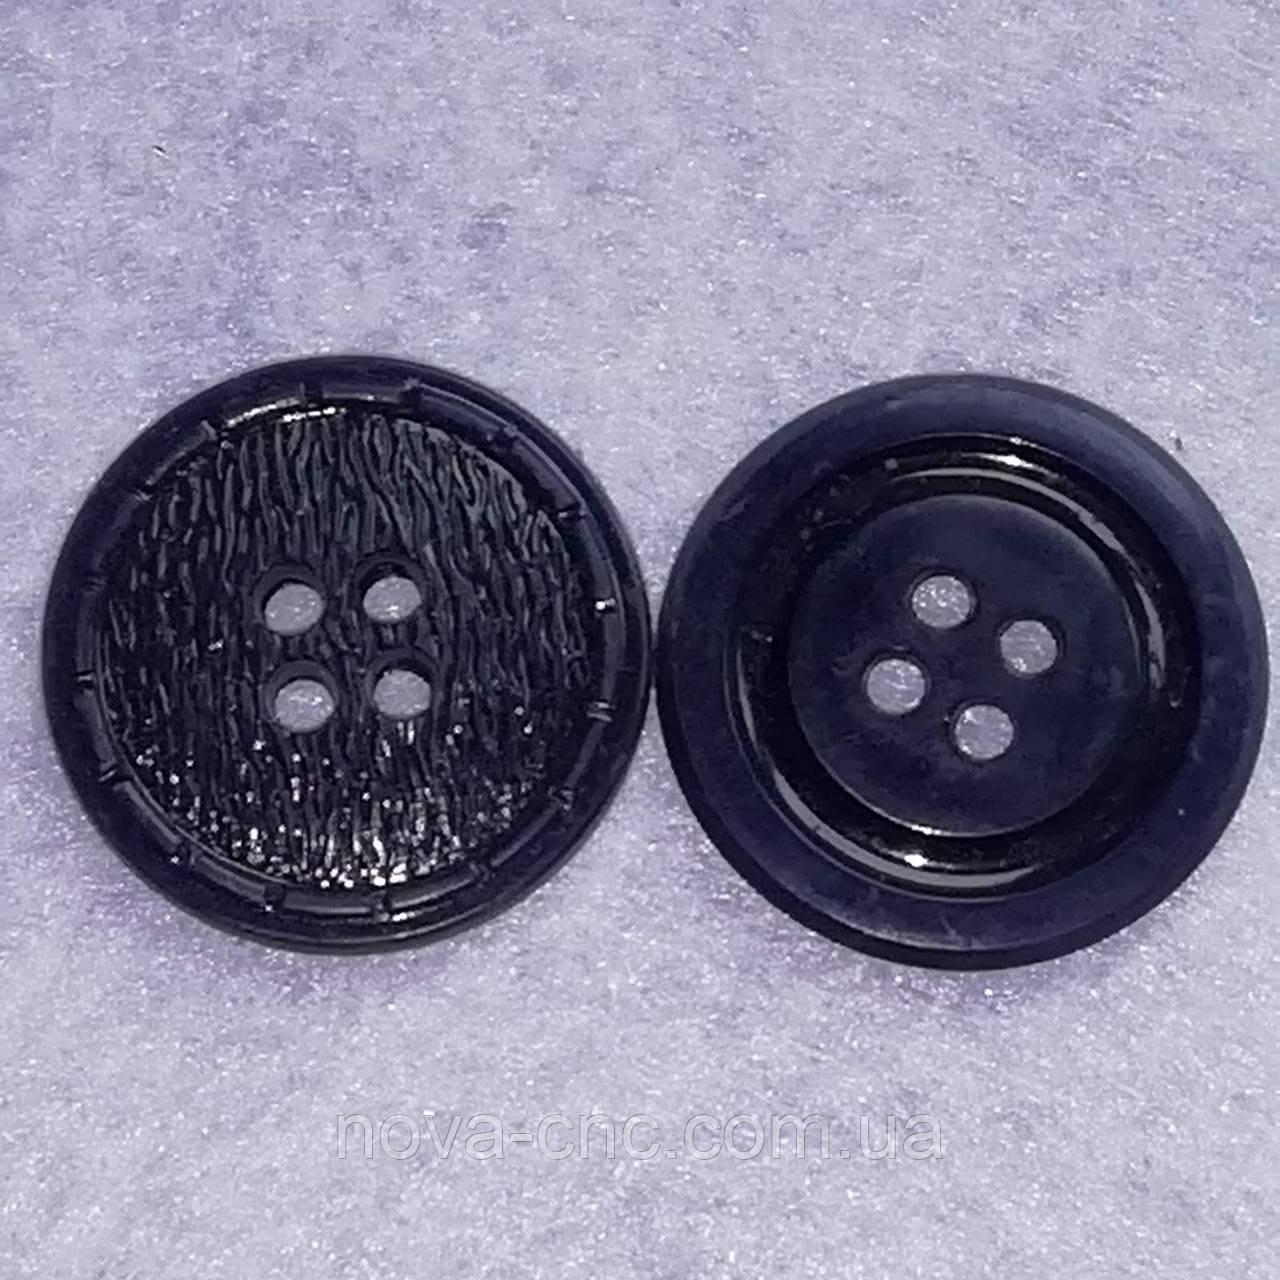 Пуговицы  пластмассовые 28 мм Цвет темно-синий Упаковка 100 штук